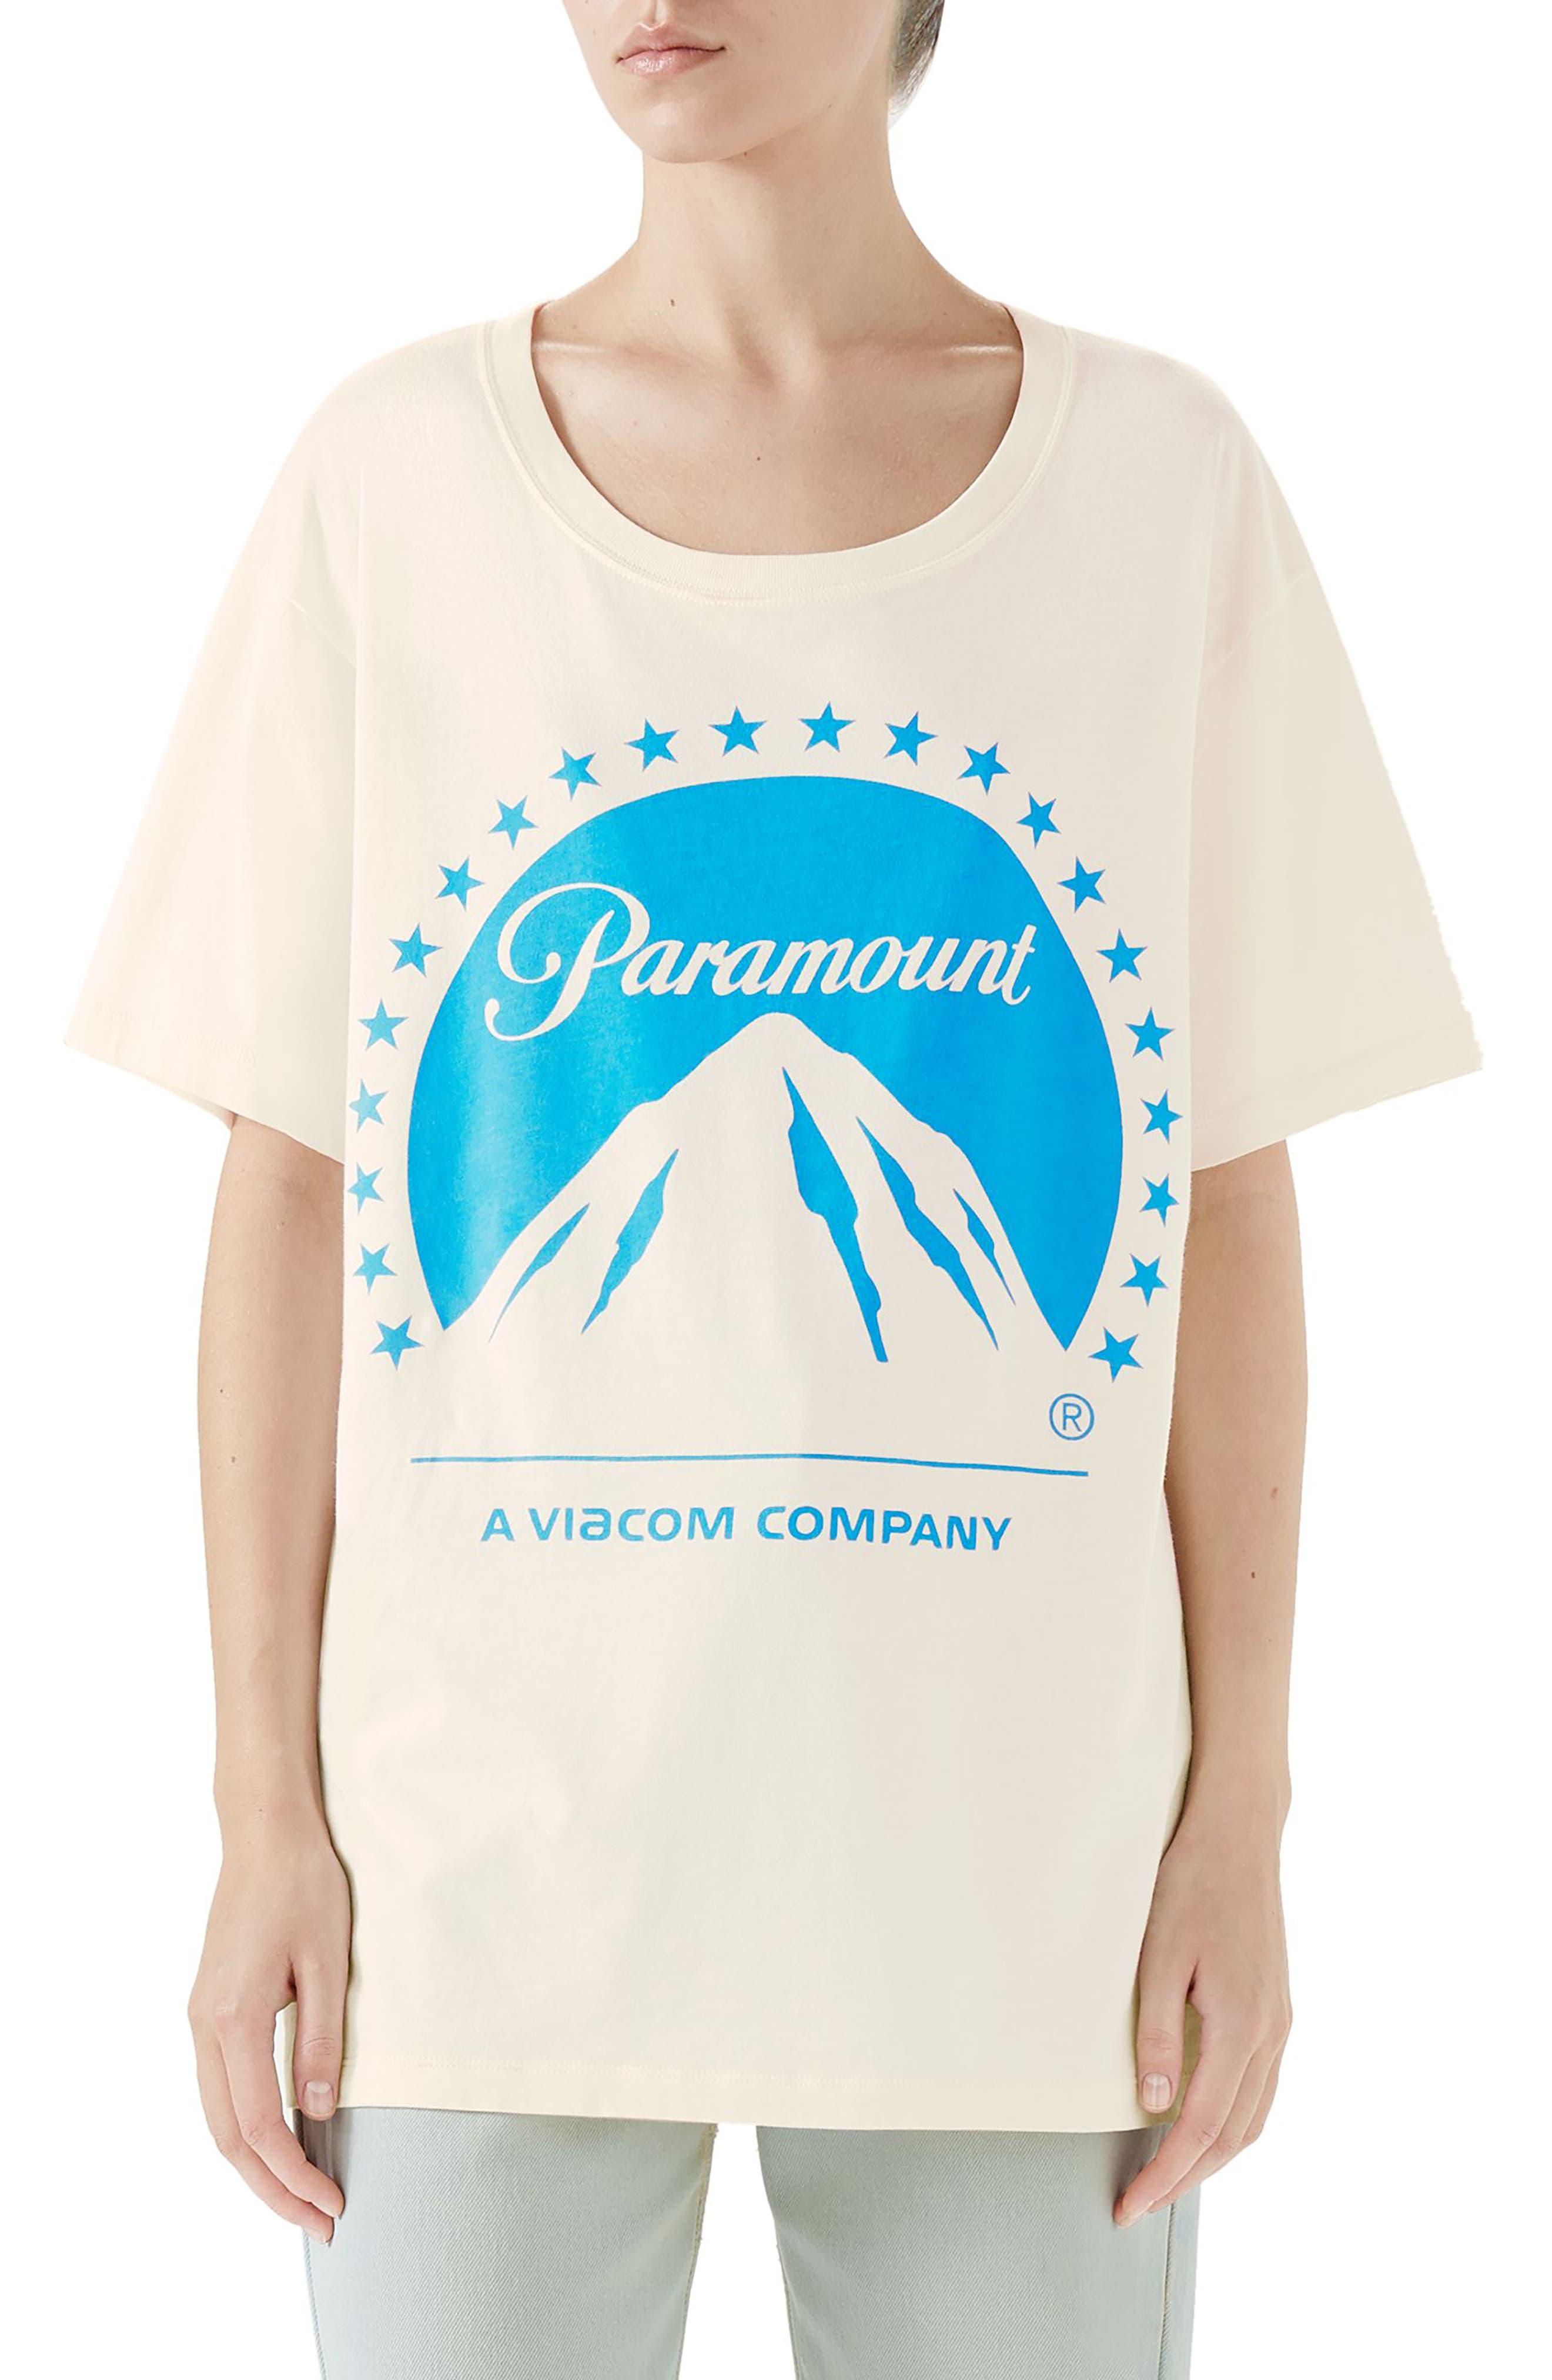 Paramount Print Tee,                             Main thumbnail 1, color,                             IVORY